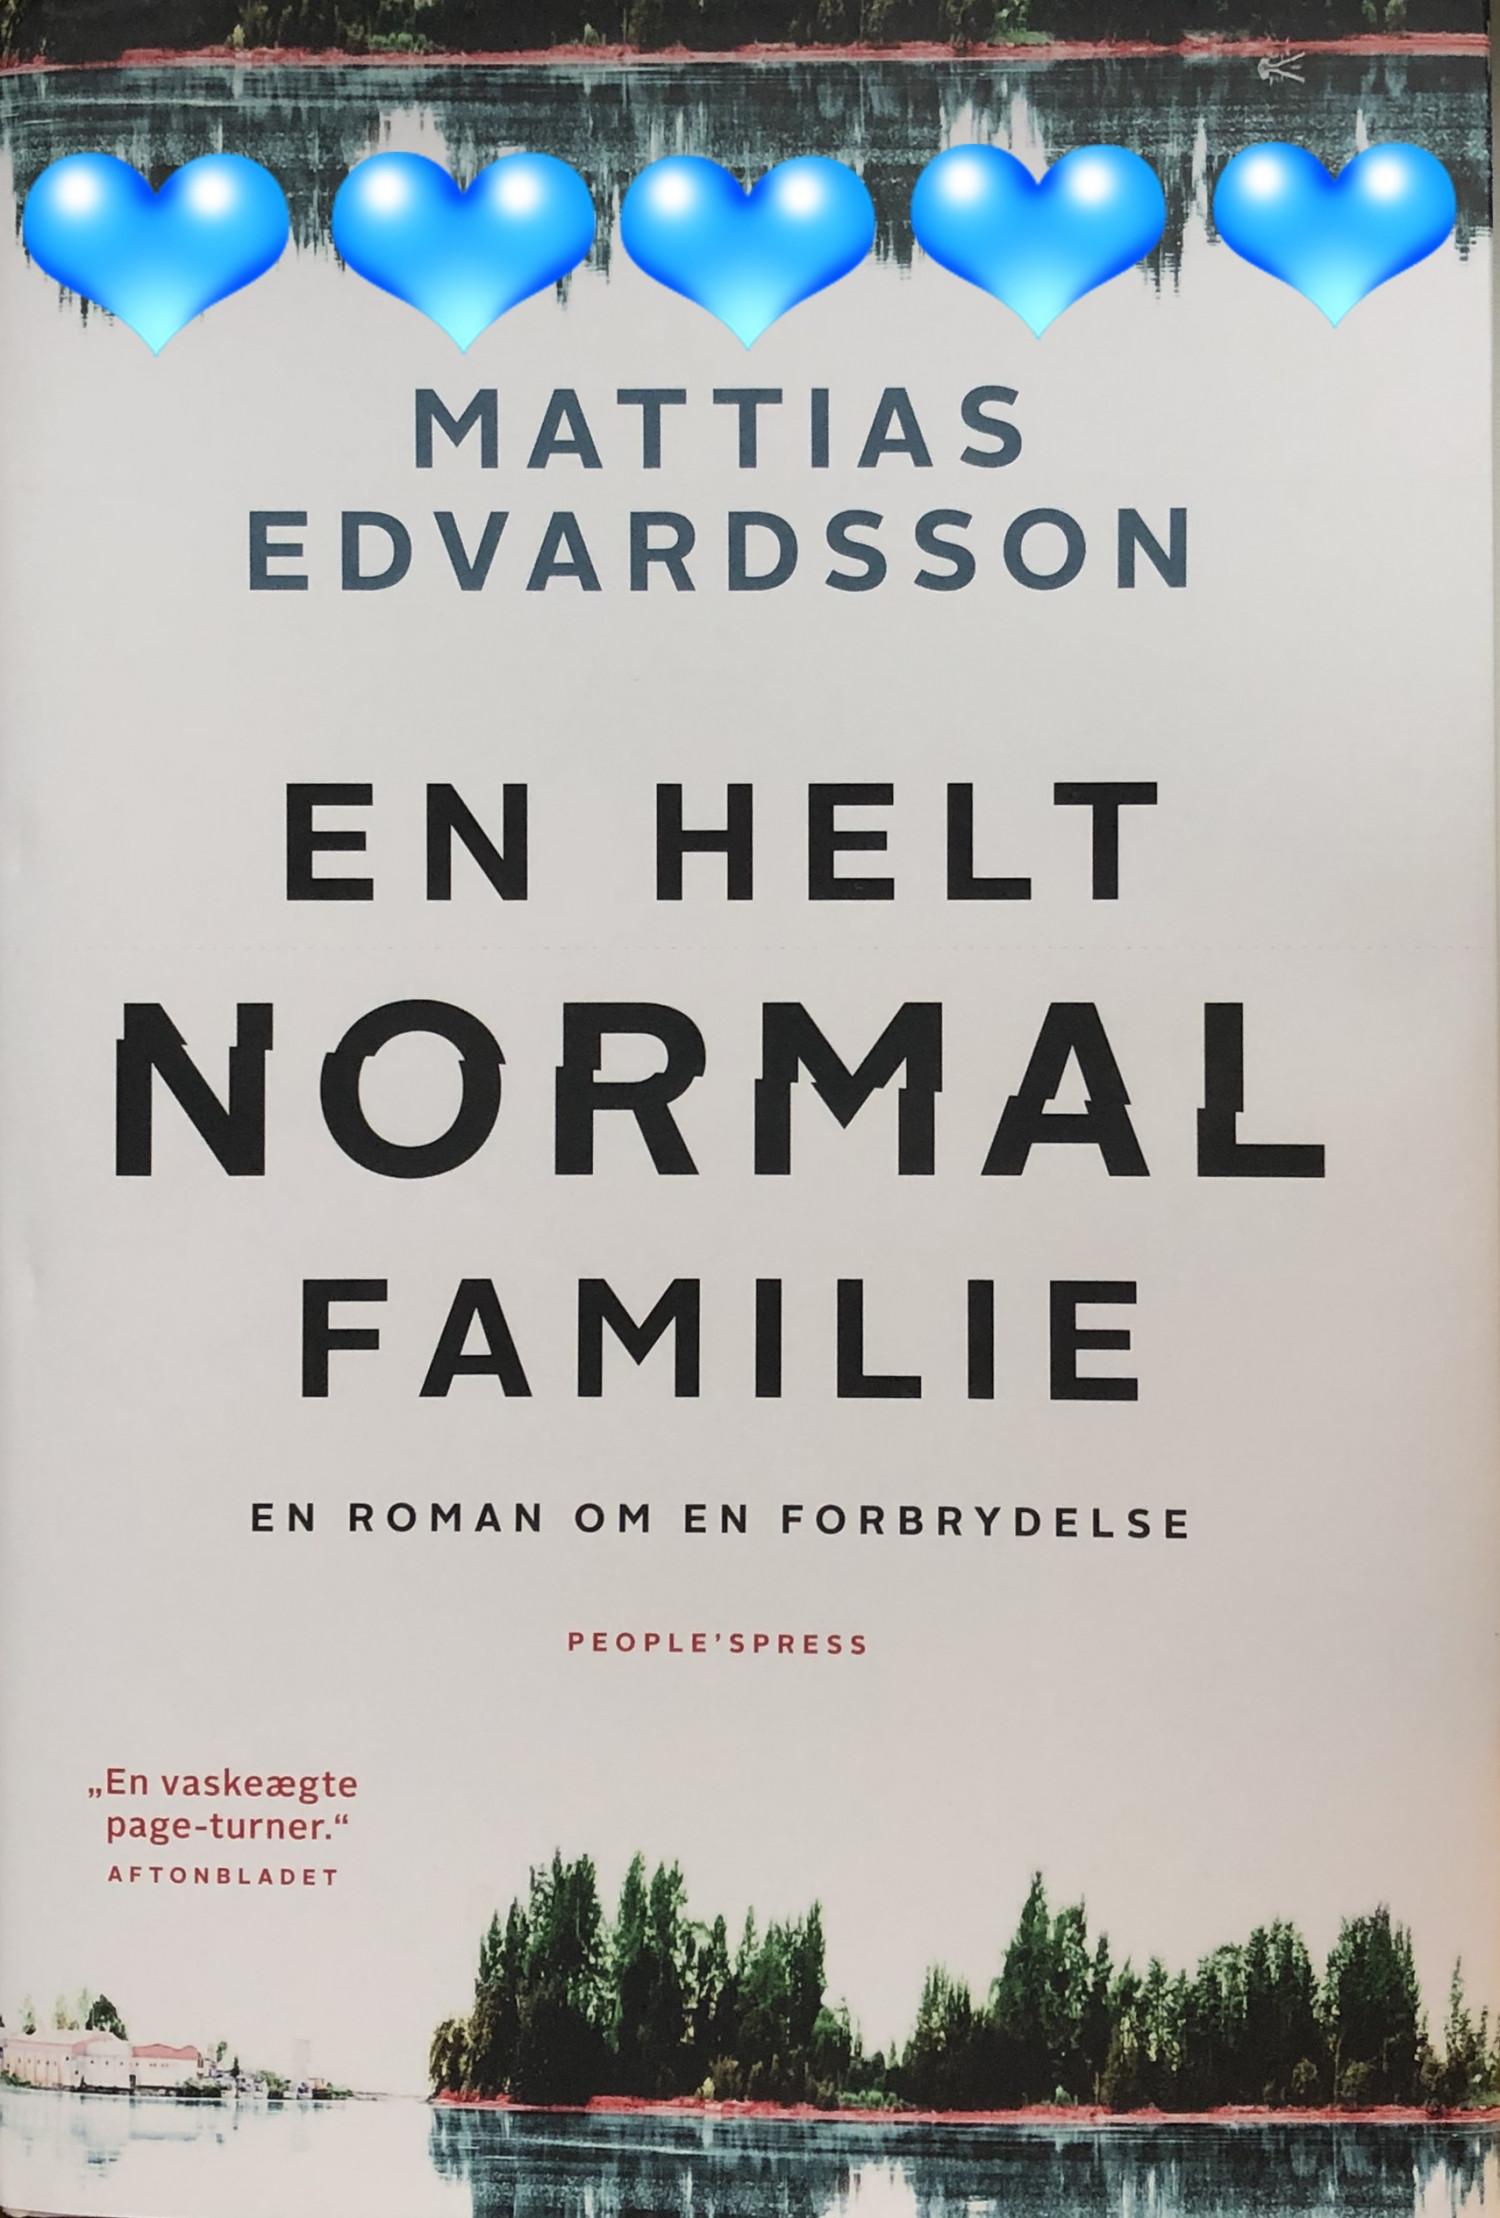 En helt normal familie, Mattias Edvardsson, E helt vanlig familj, People's Press, Roman, Boganmeldelse, Krummes krummelurer, Krummeskrummelurer.dk, Krummeskrummelurer, Boganmeldelse, anmeldereksemplar,